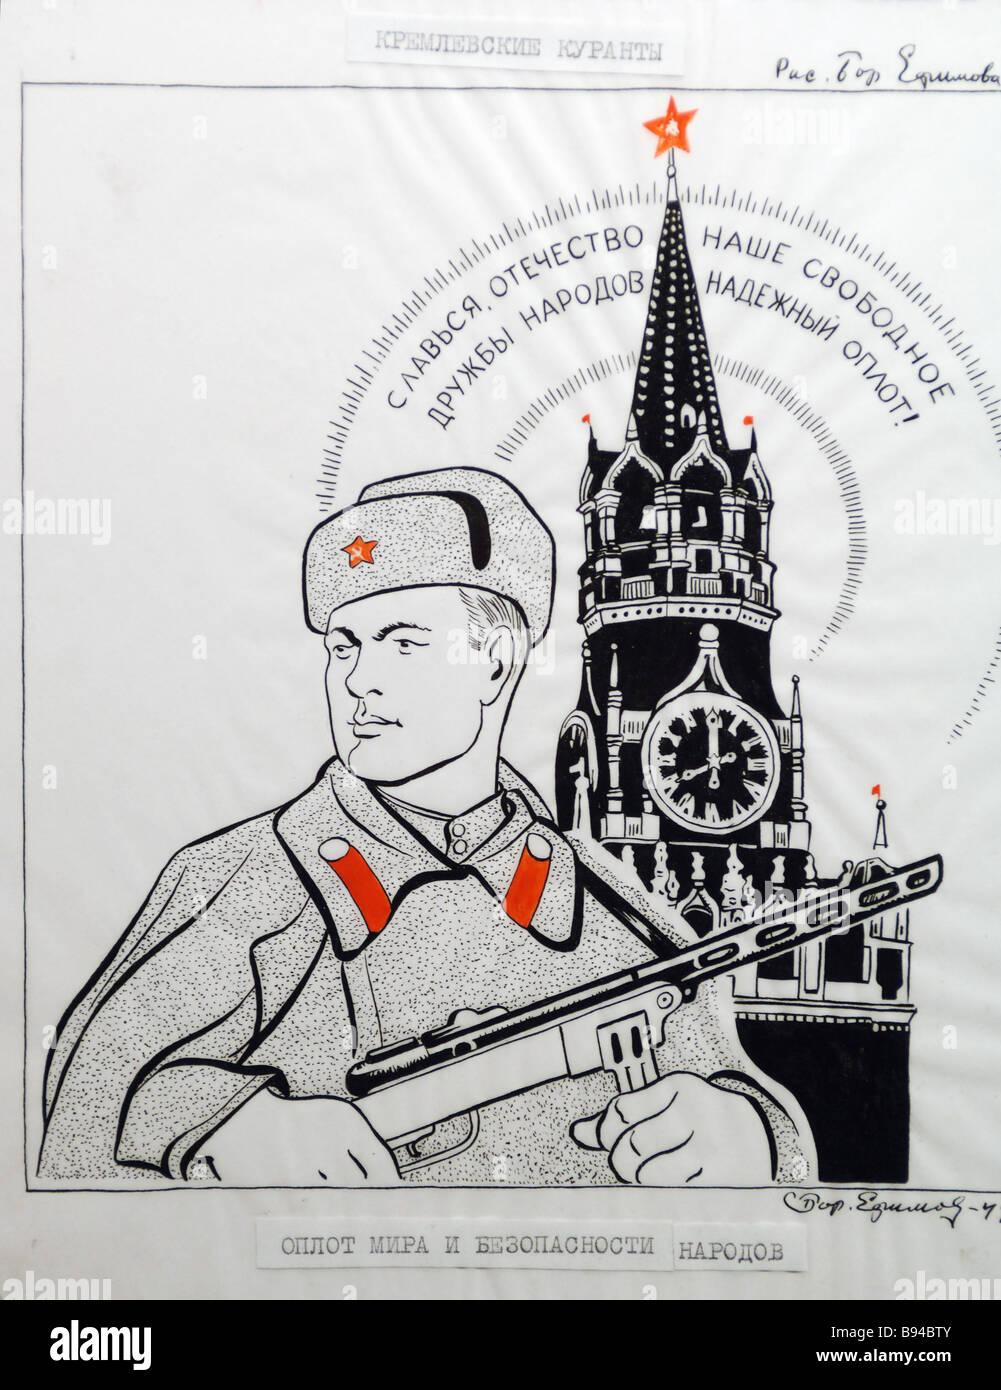 Boris Yefimov s auf der Messe Geschichtsunterricht des 20. Jahrhunderts in Cartoons cartoon The Kremlin Chimes Stockbild